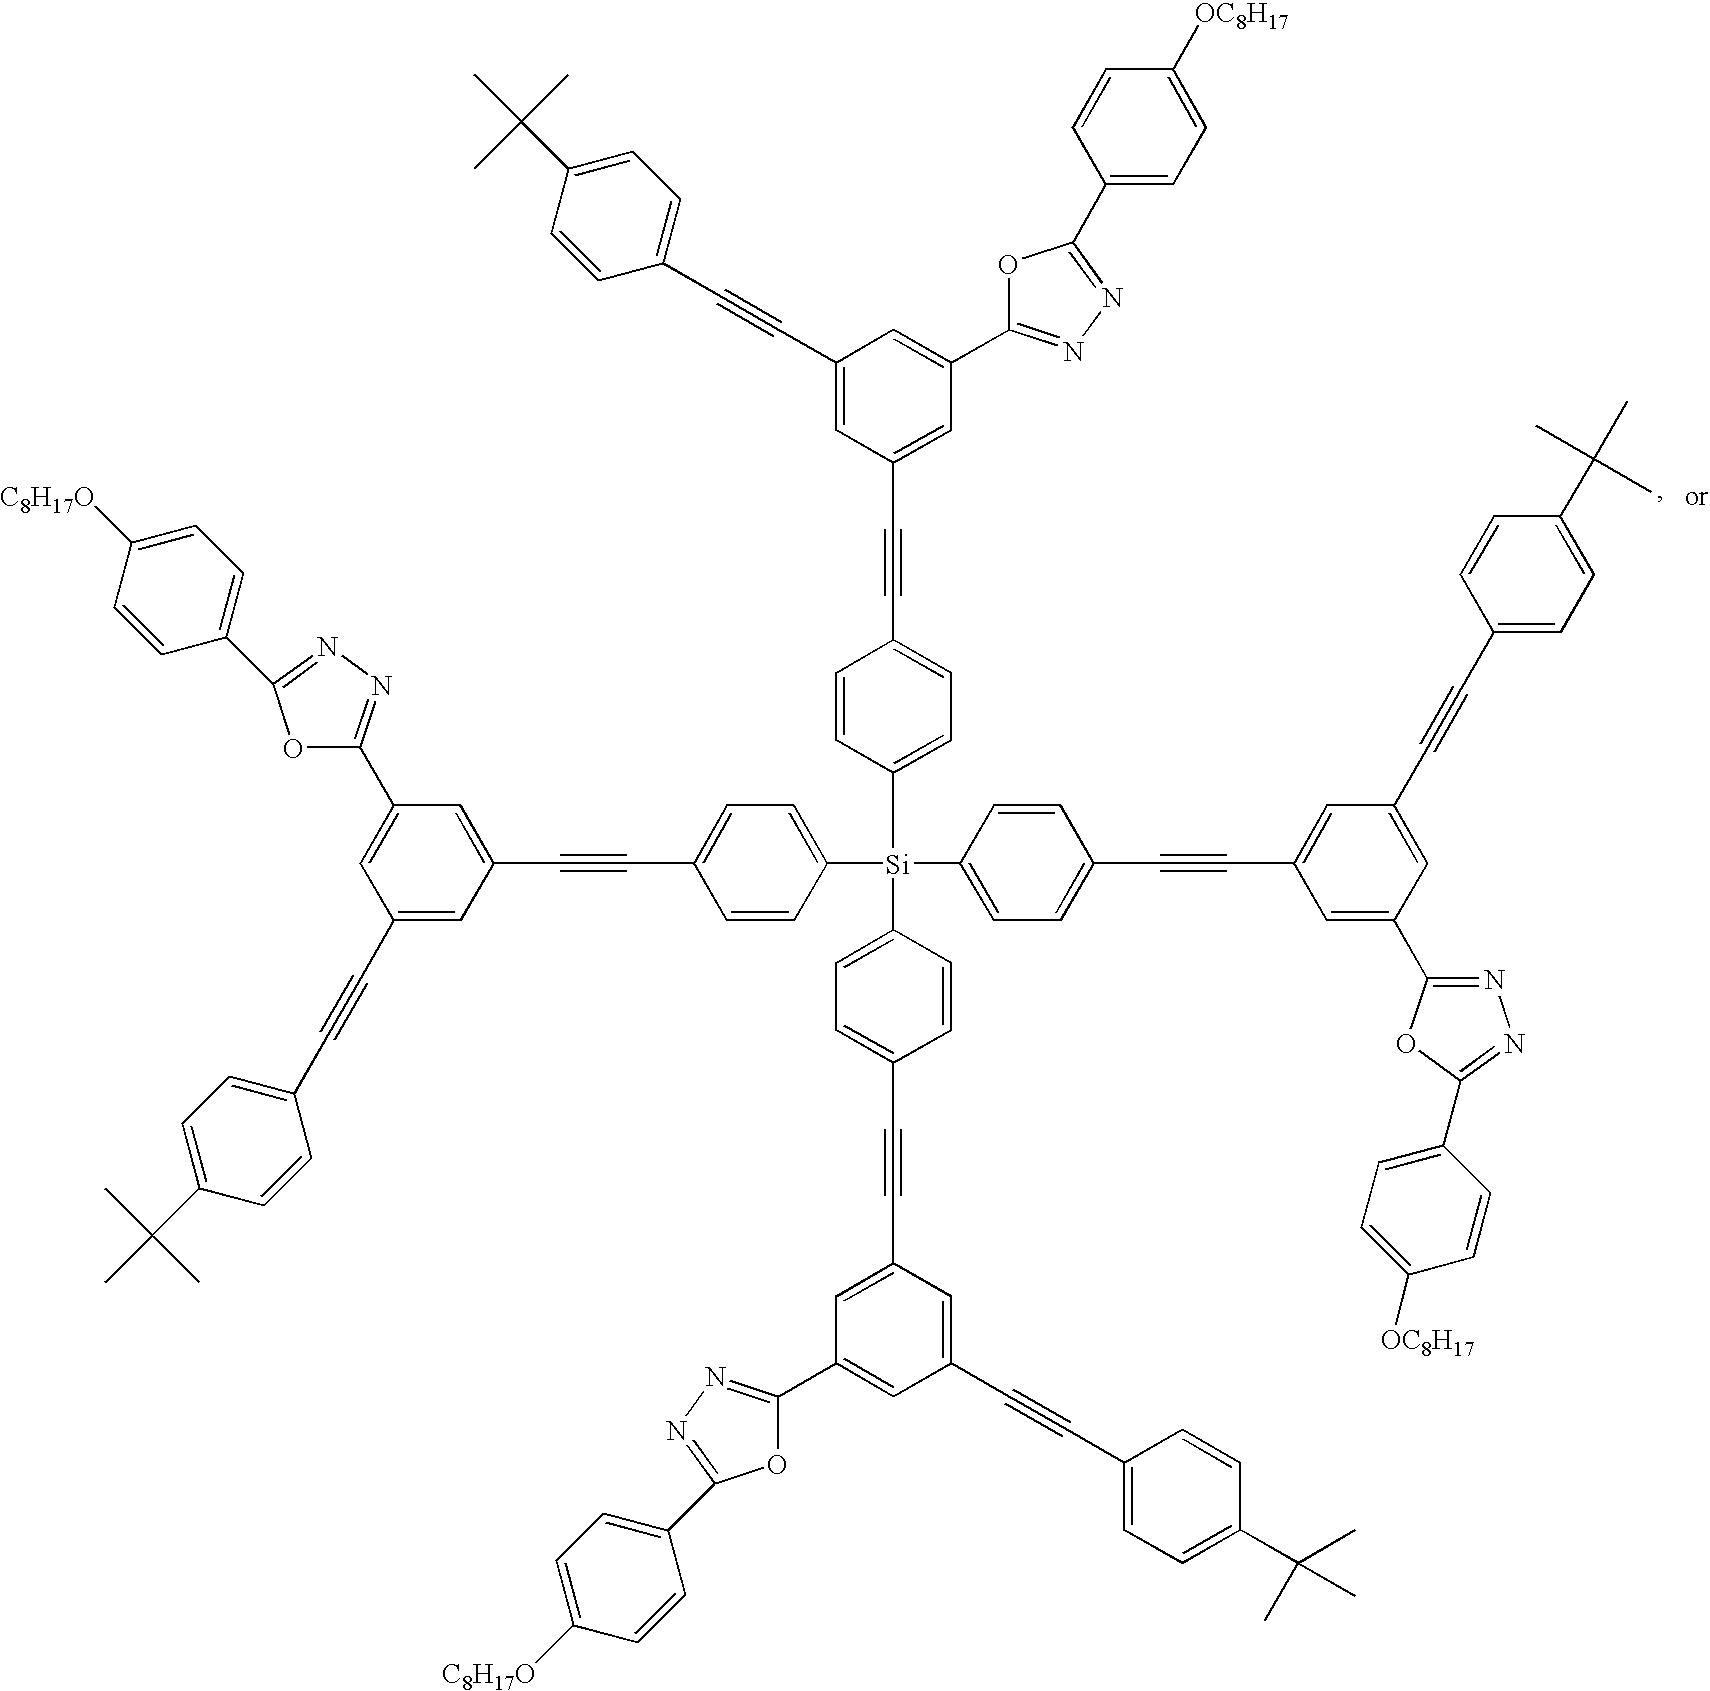 Figure US20070107835A1-20070517-C00101